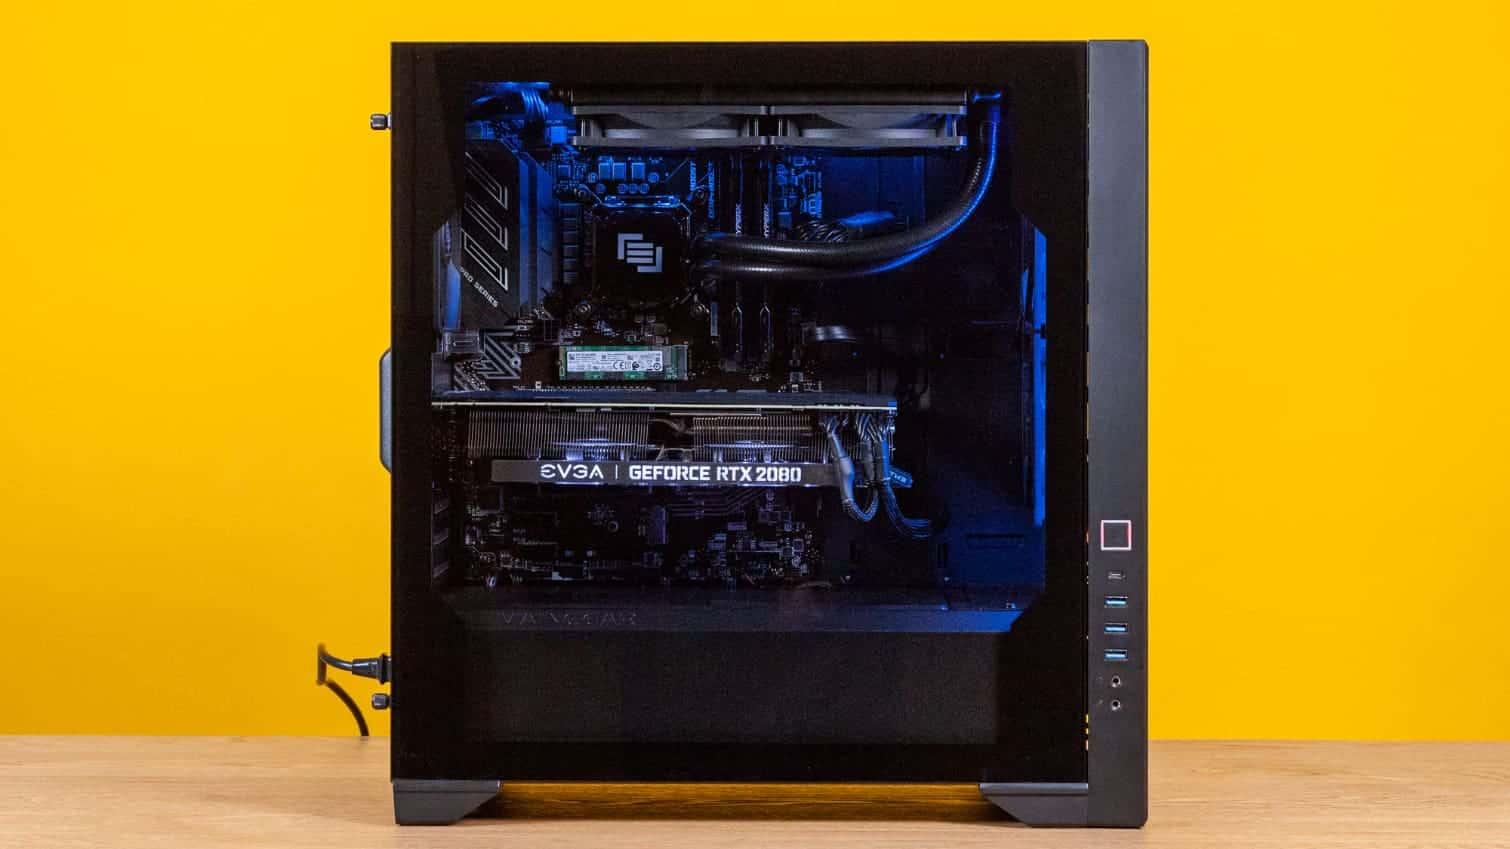 Maingear Vyper Gaming PC